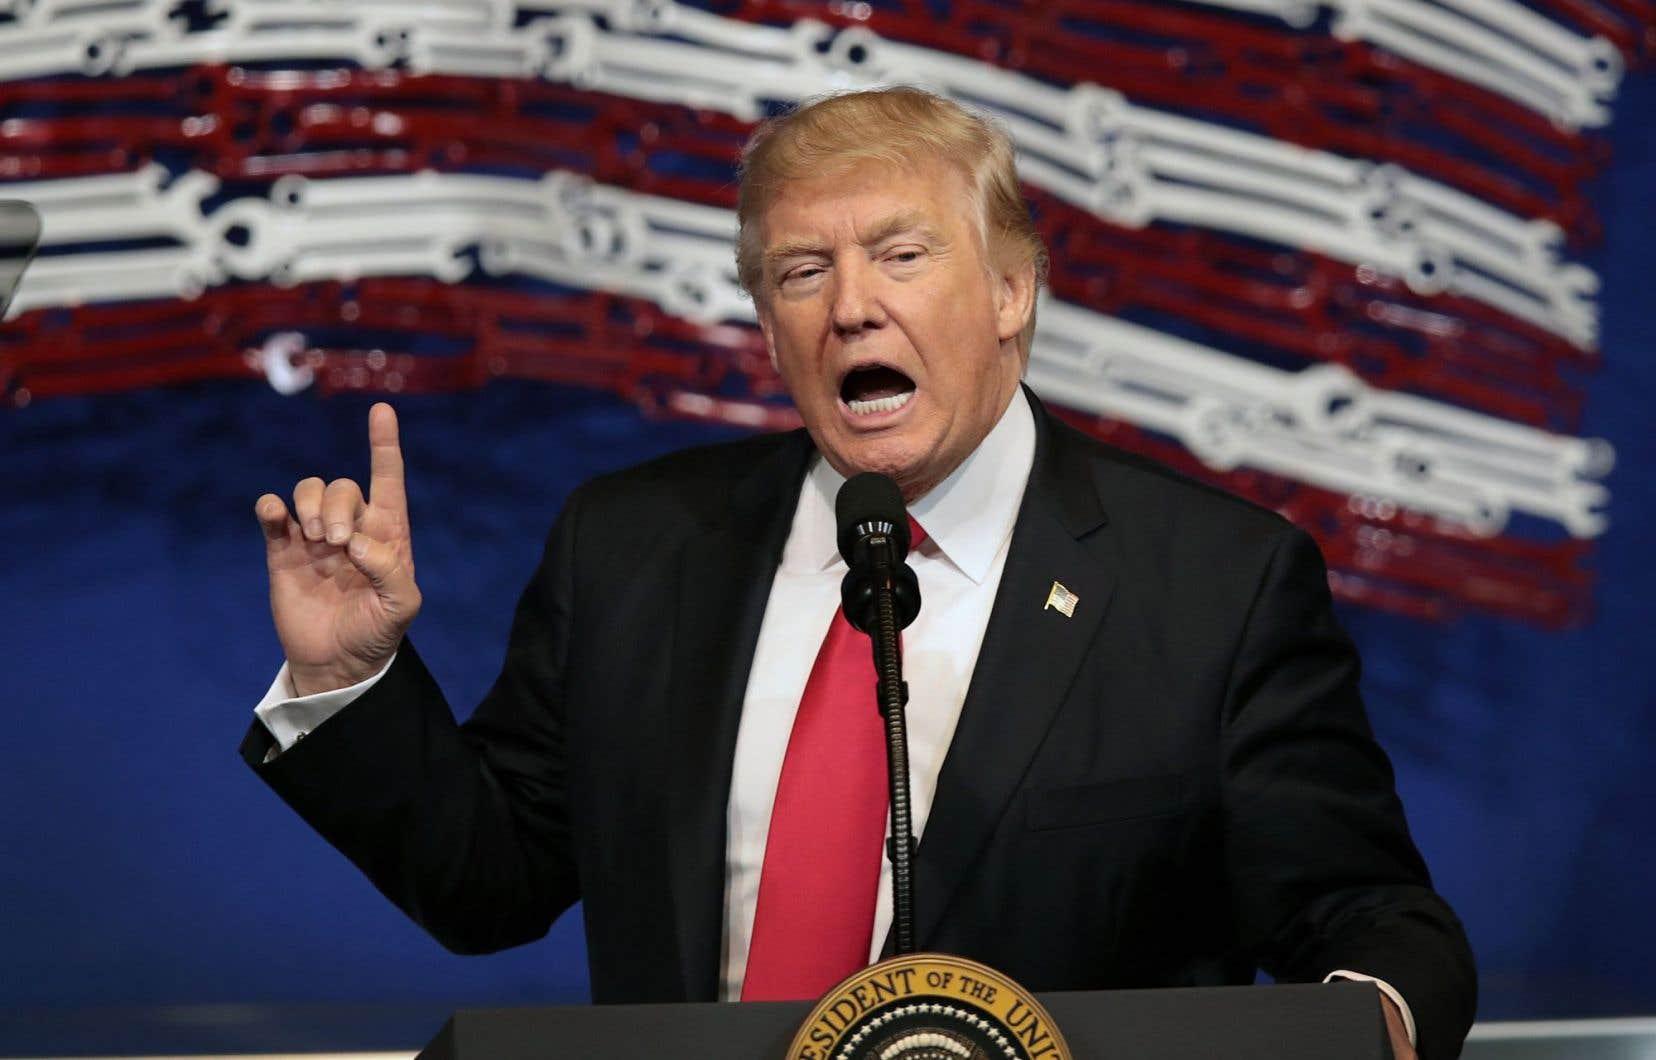 Le président américain, Donald Trump, a évoqué mardi «des choses très injustes».